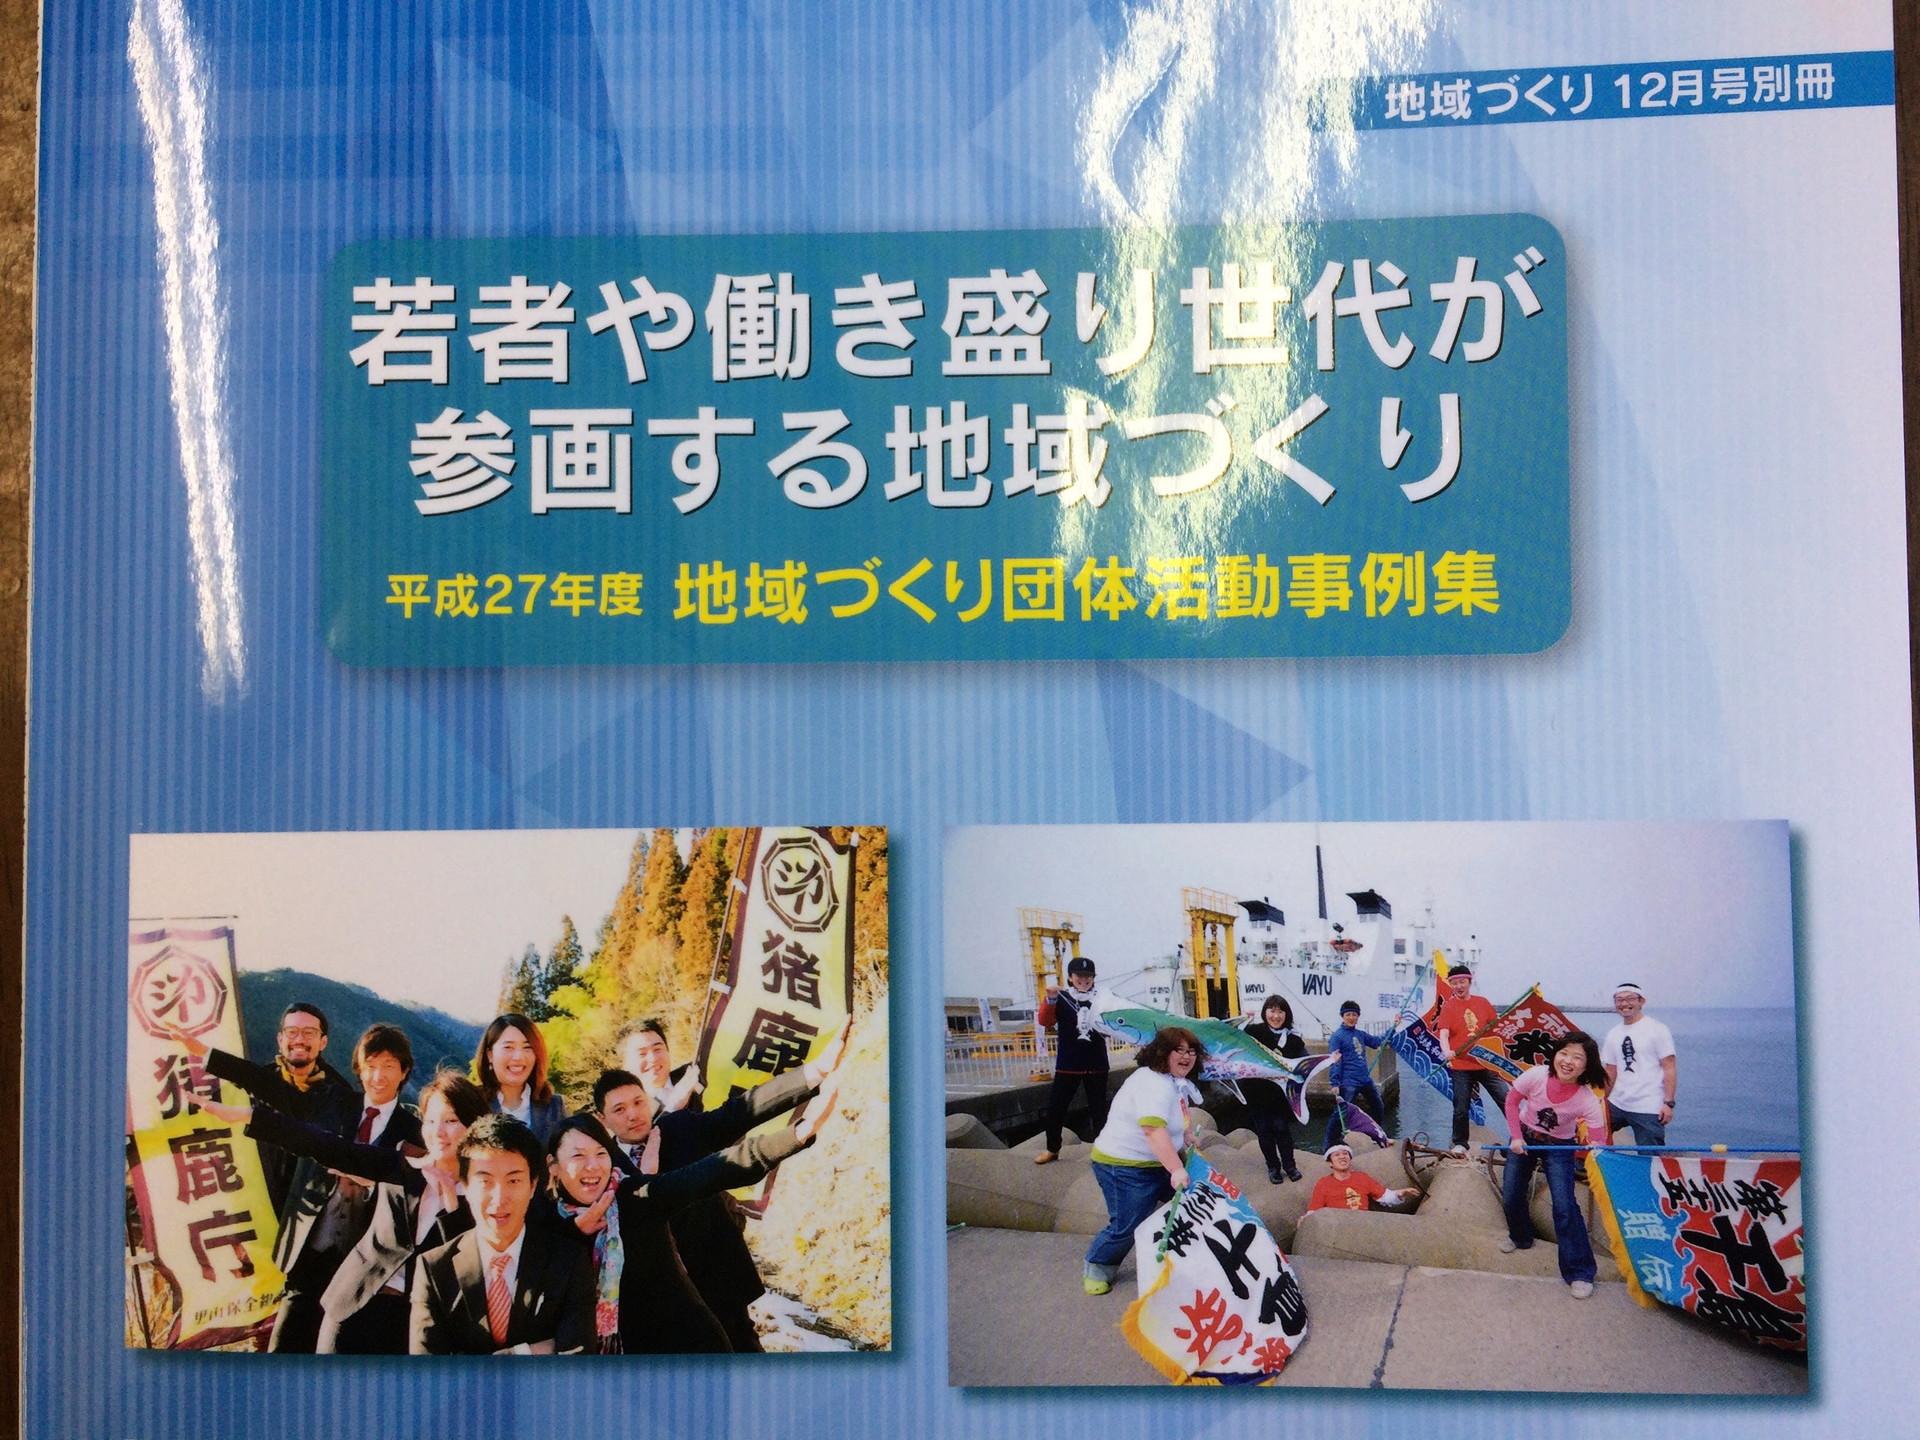 地域づくり団体活動事例集に掲載されました